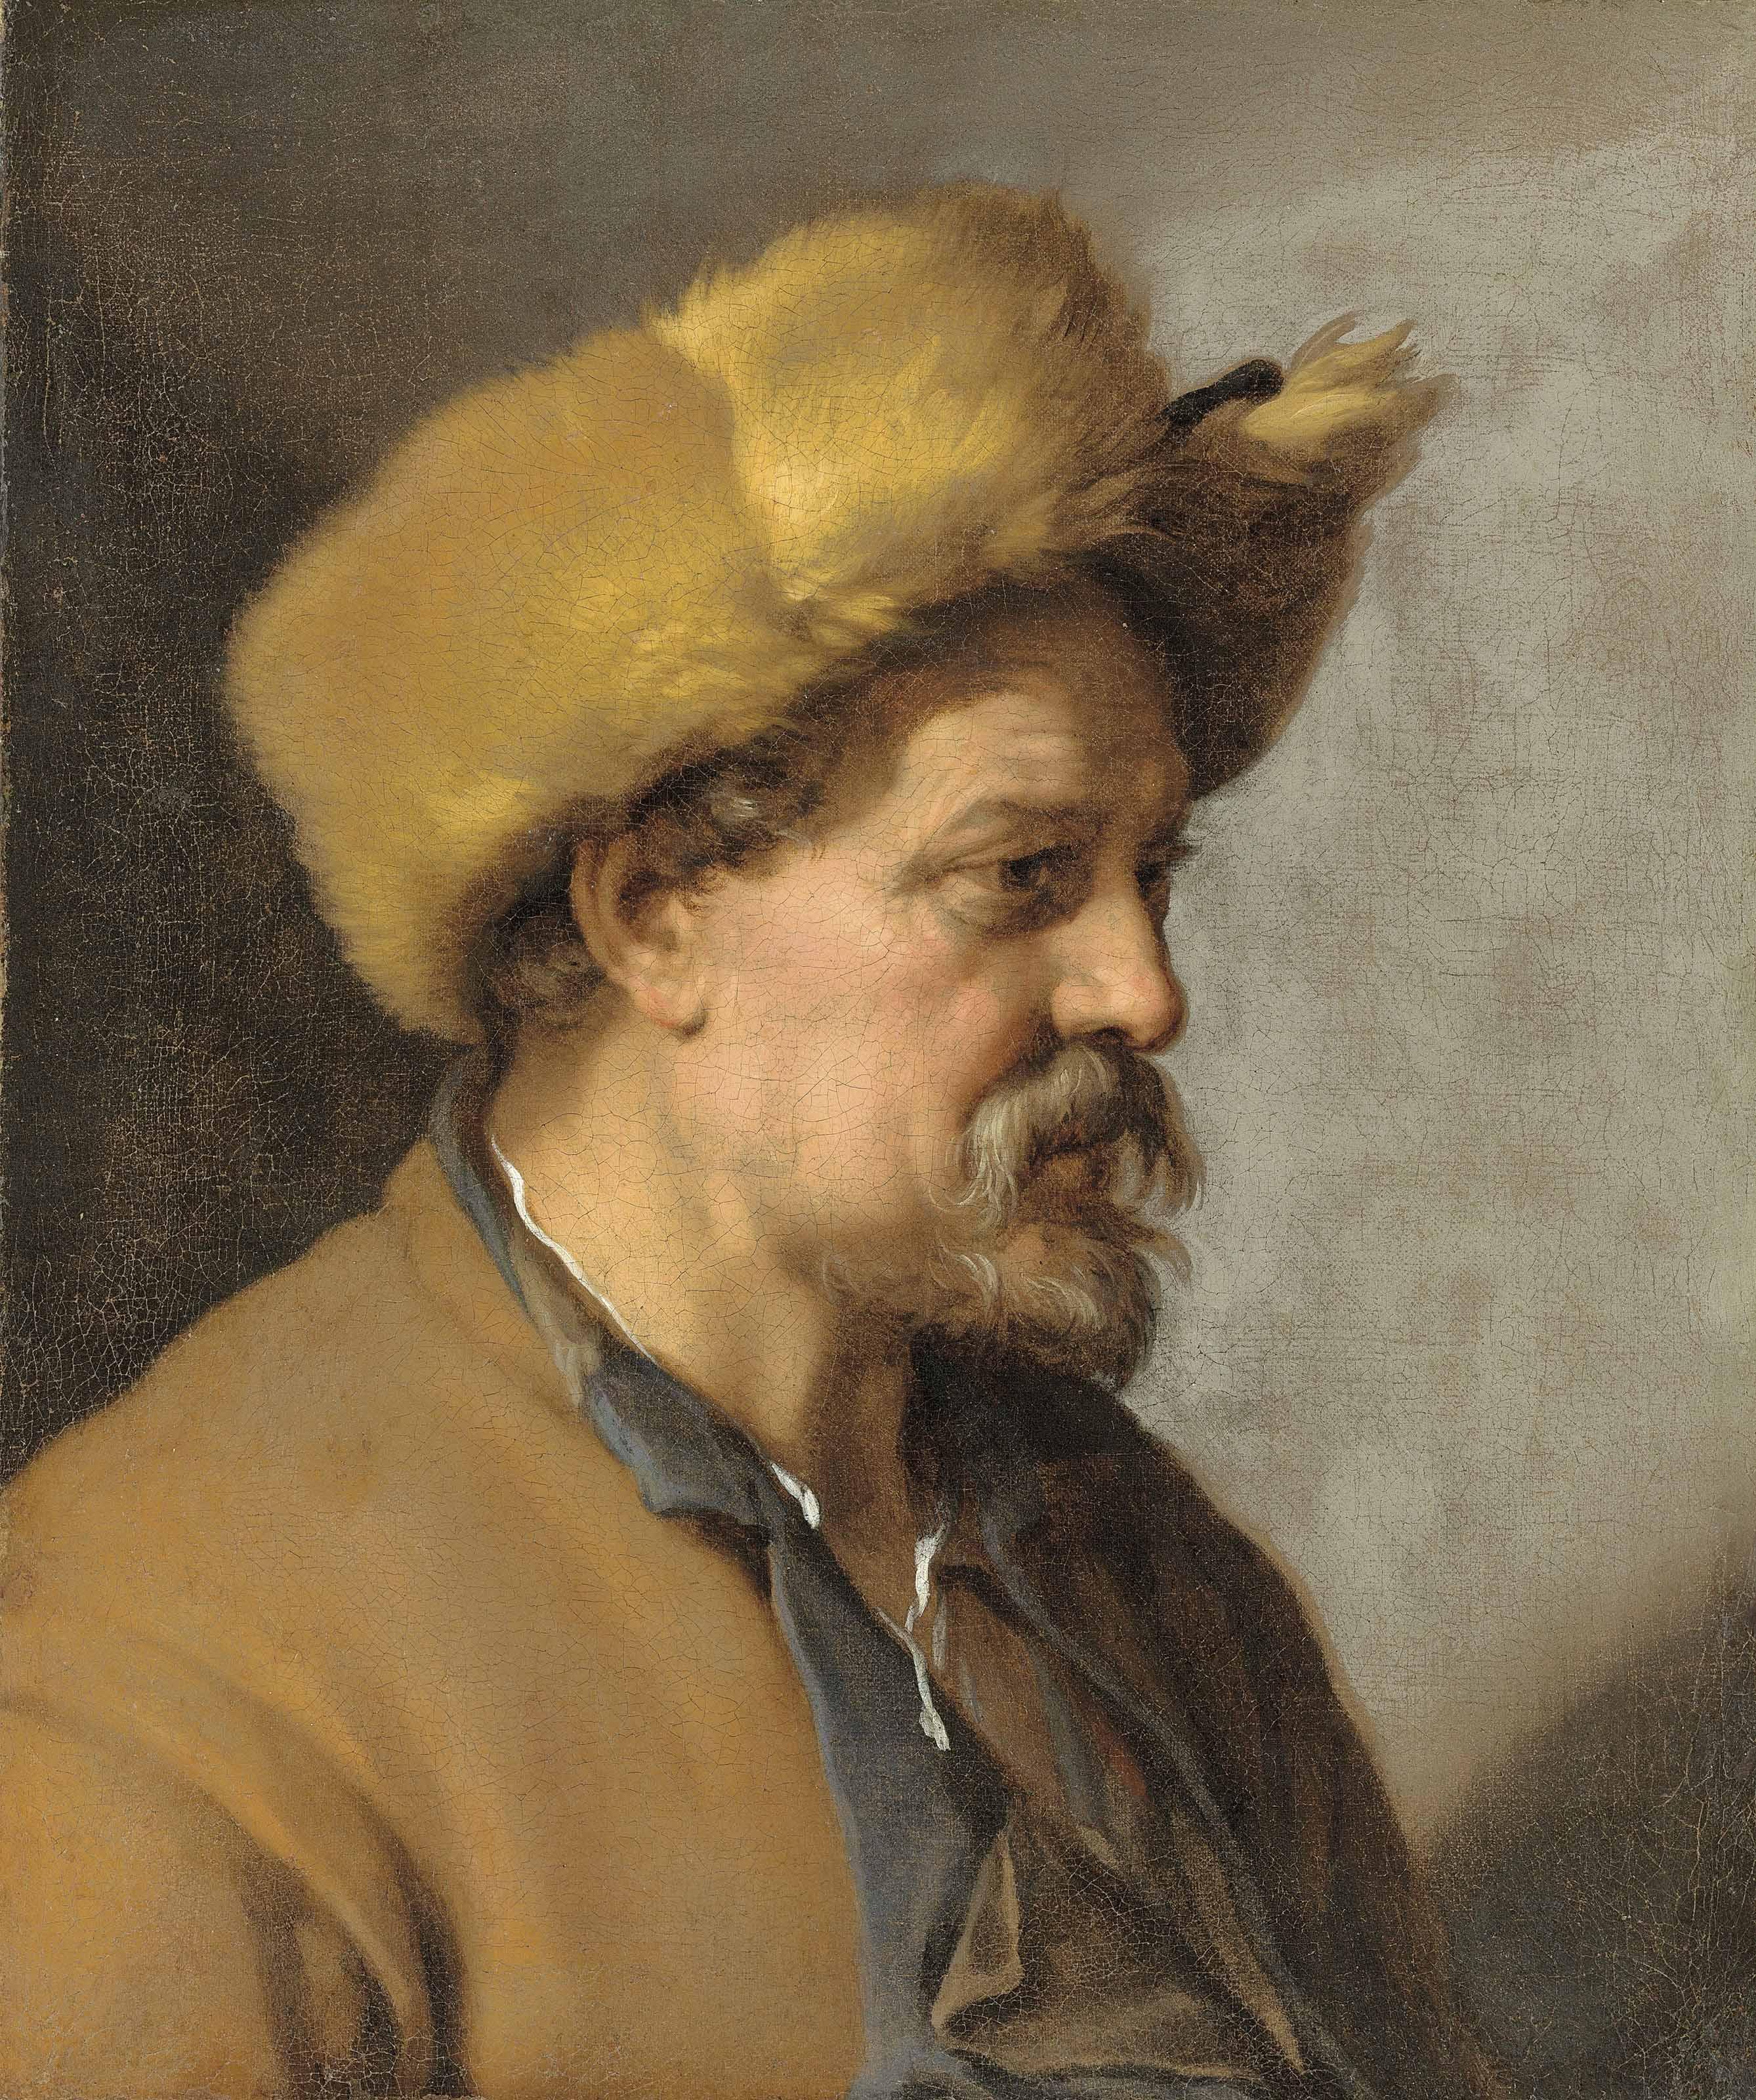 Attributed to Abraham Bloemaert (Gorinchem 1566-1651 Utrecht)